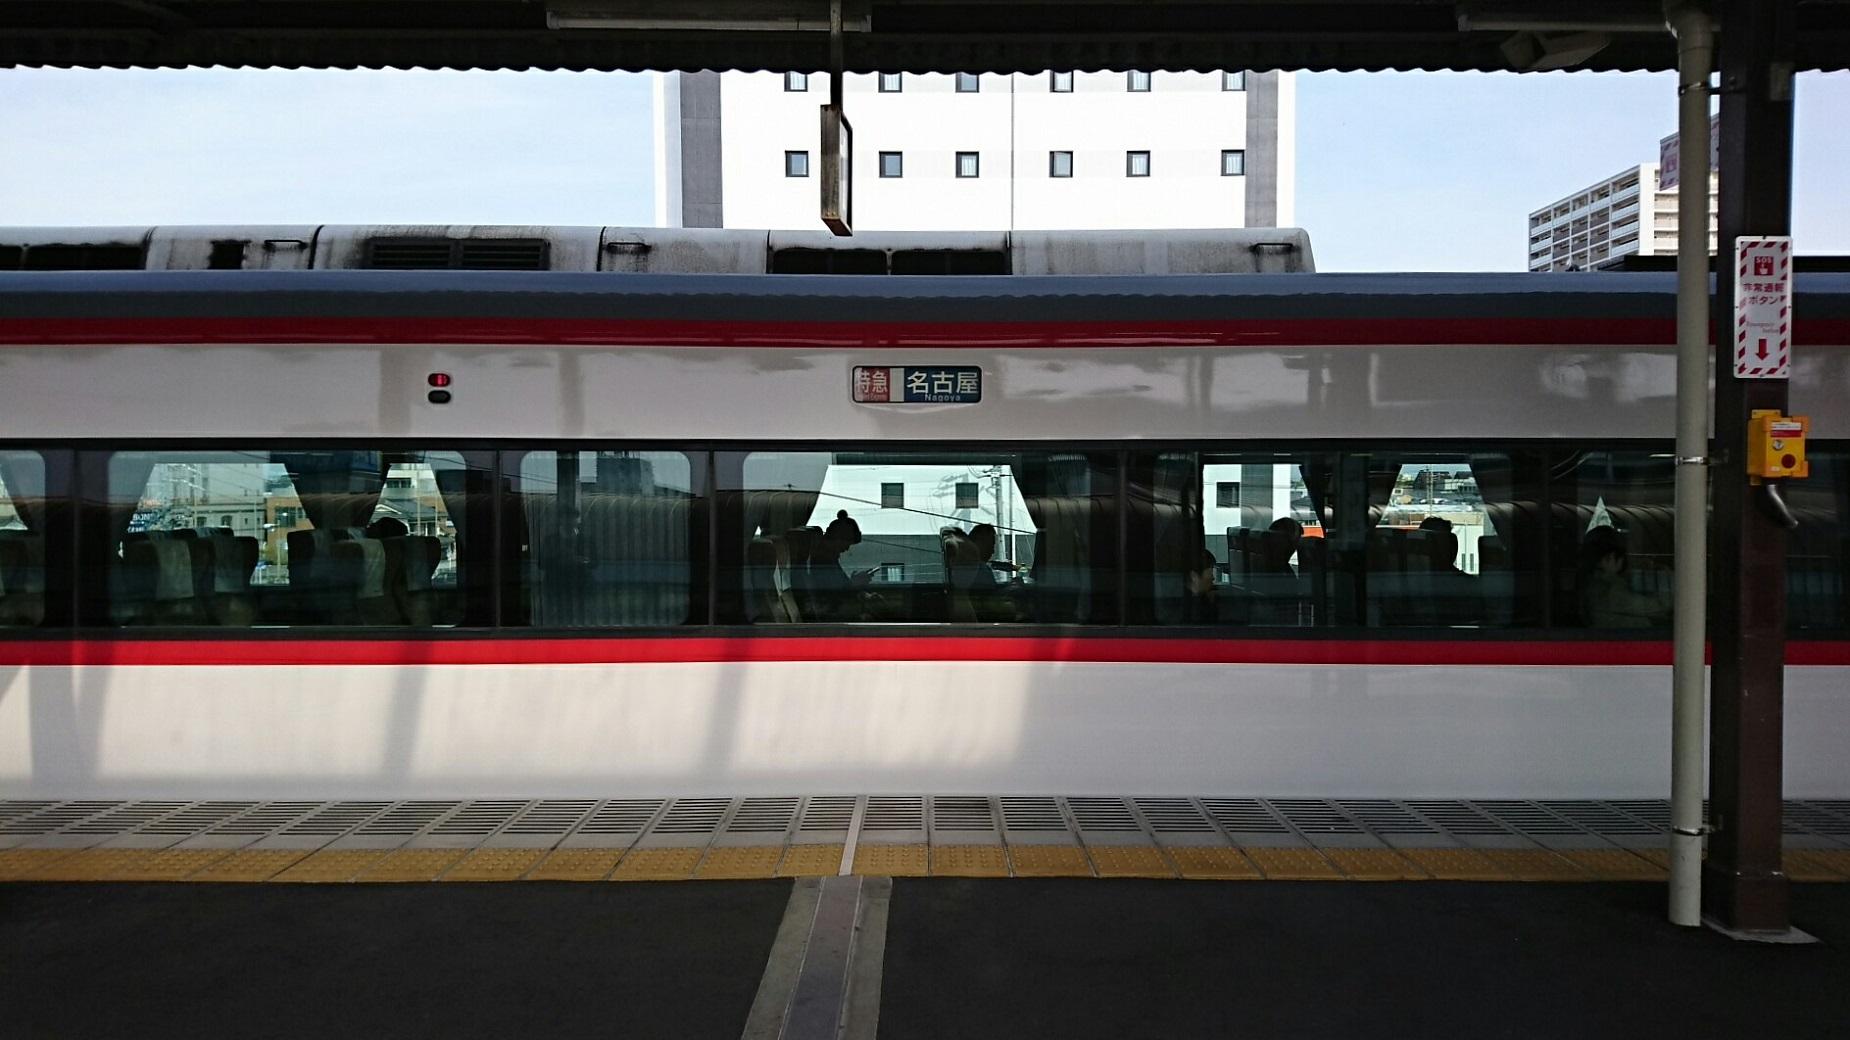 2019.5.3 (1002) 西尾 - 名古屋いき特急 1850-1040